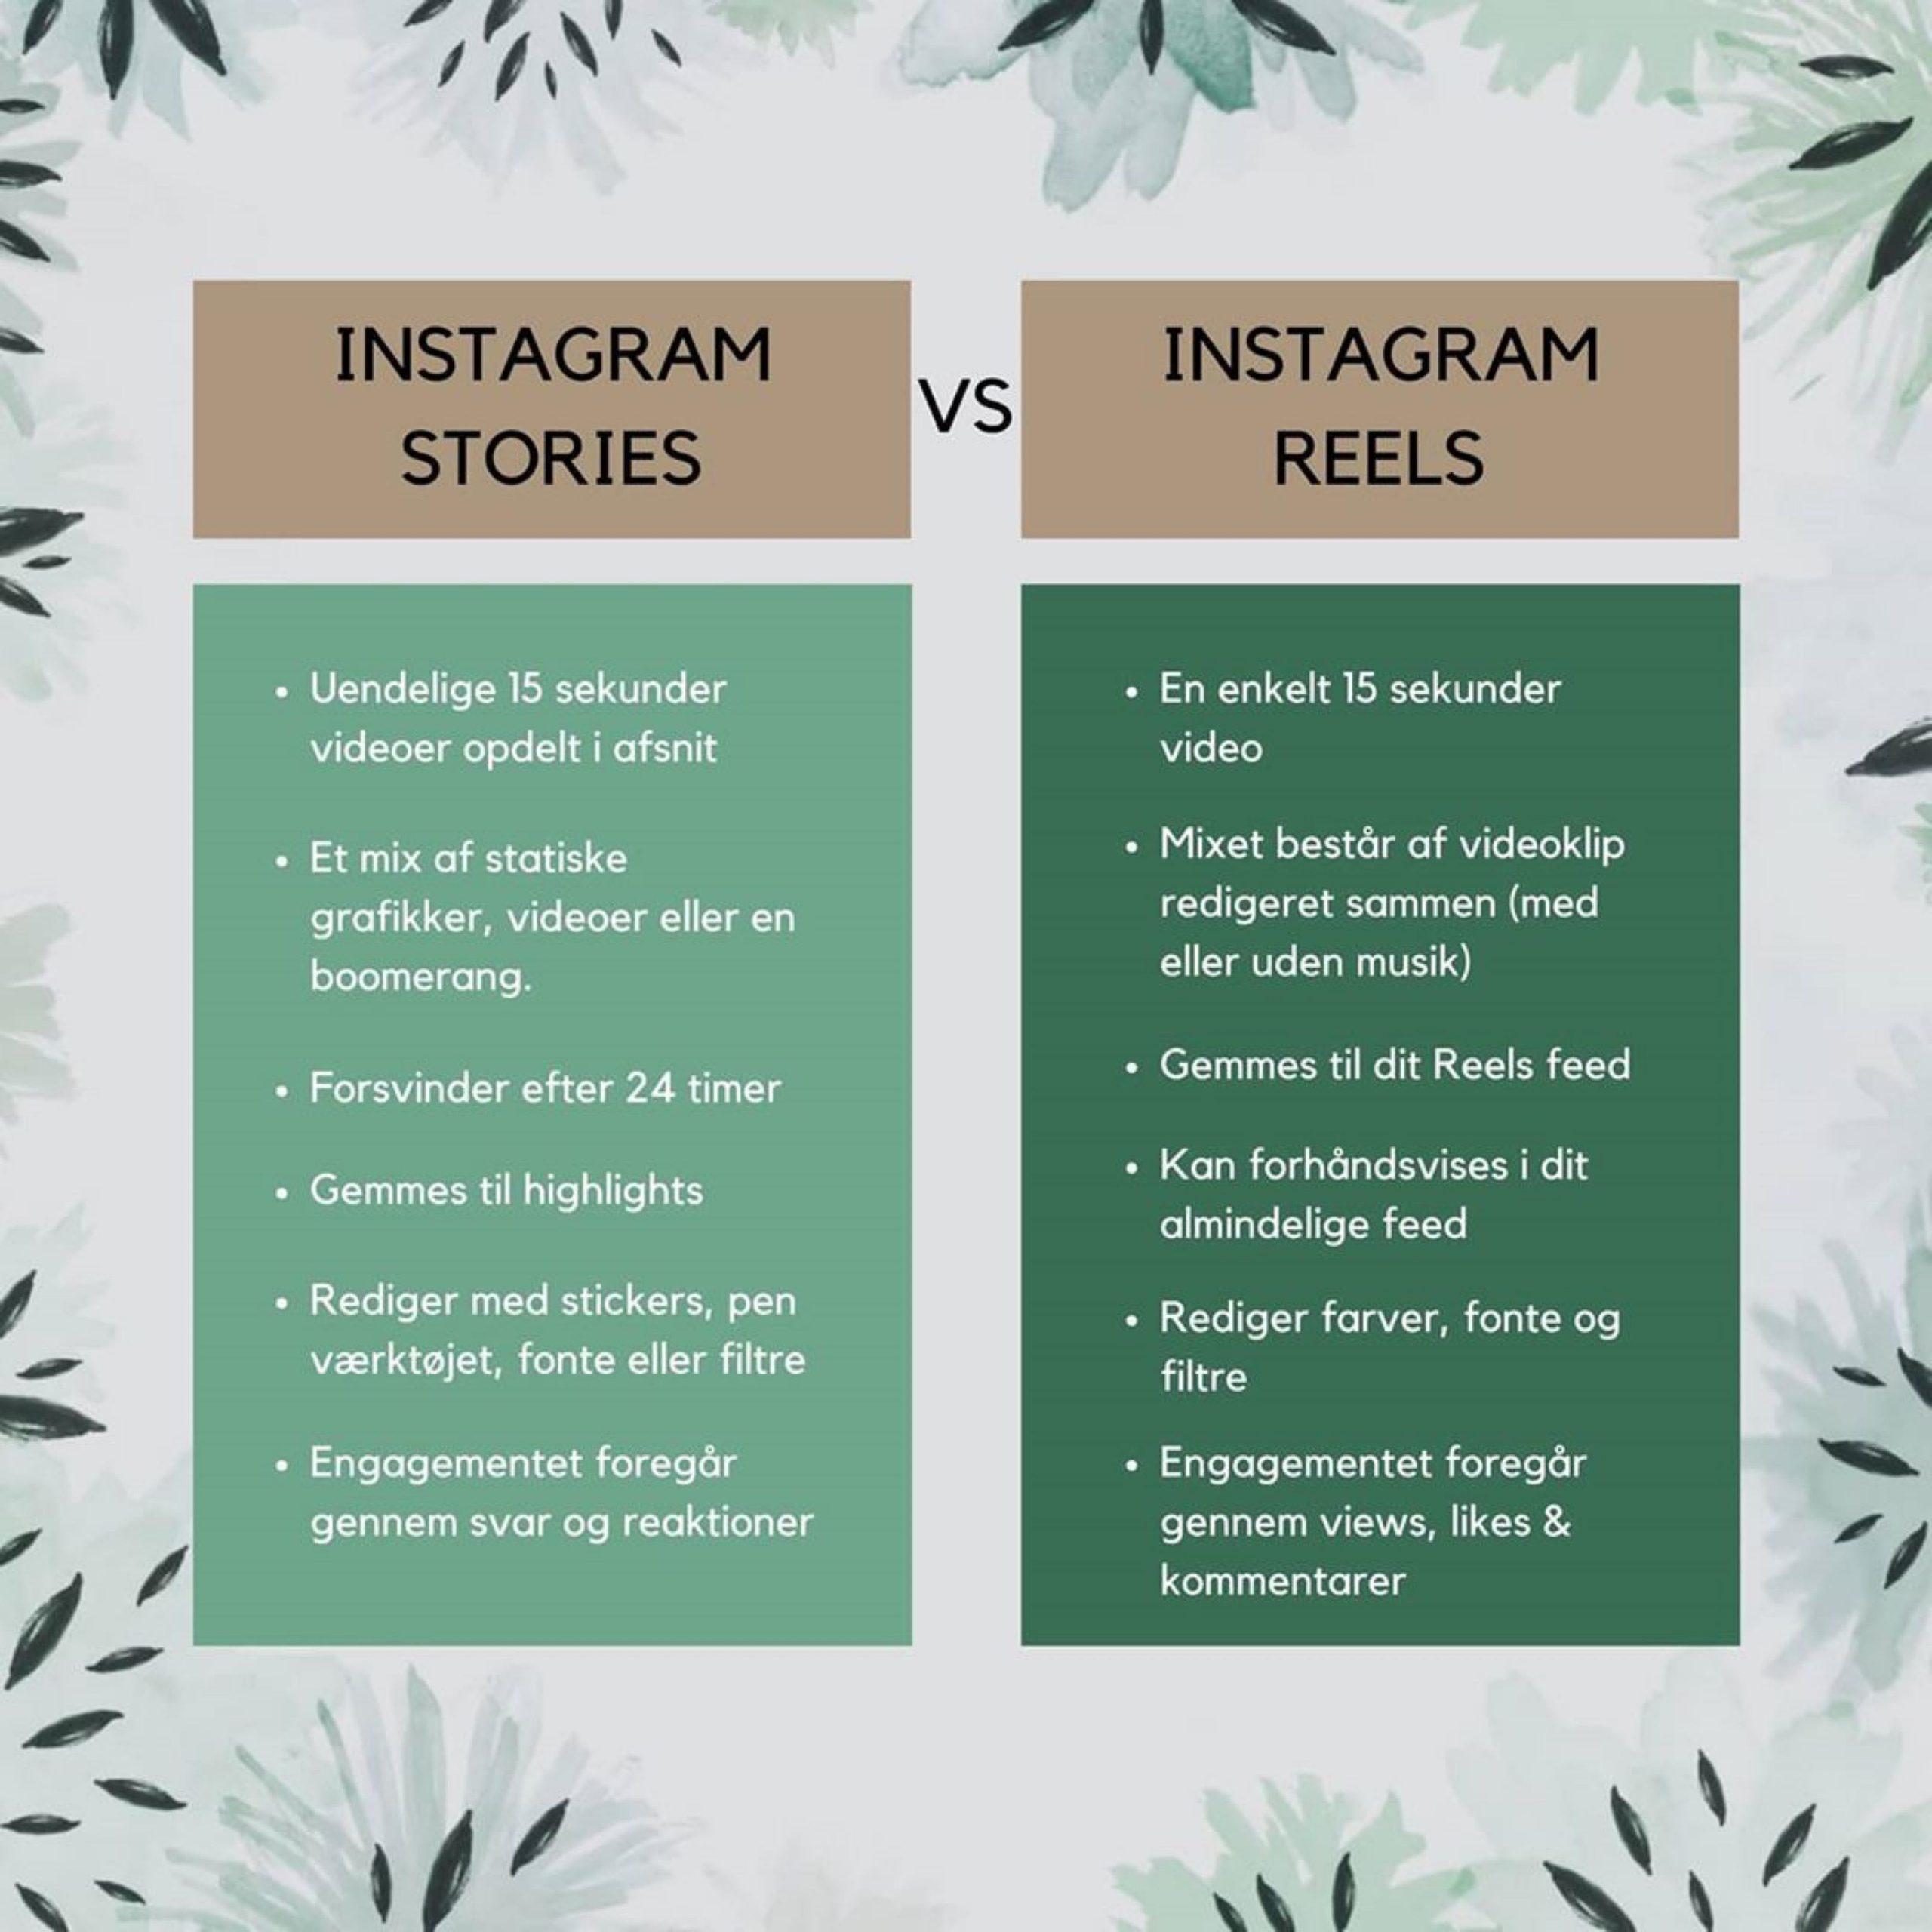 Instagram reels vs. Instagram stories?